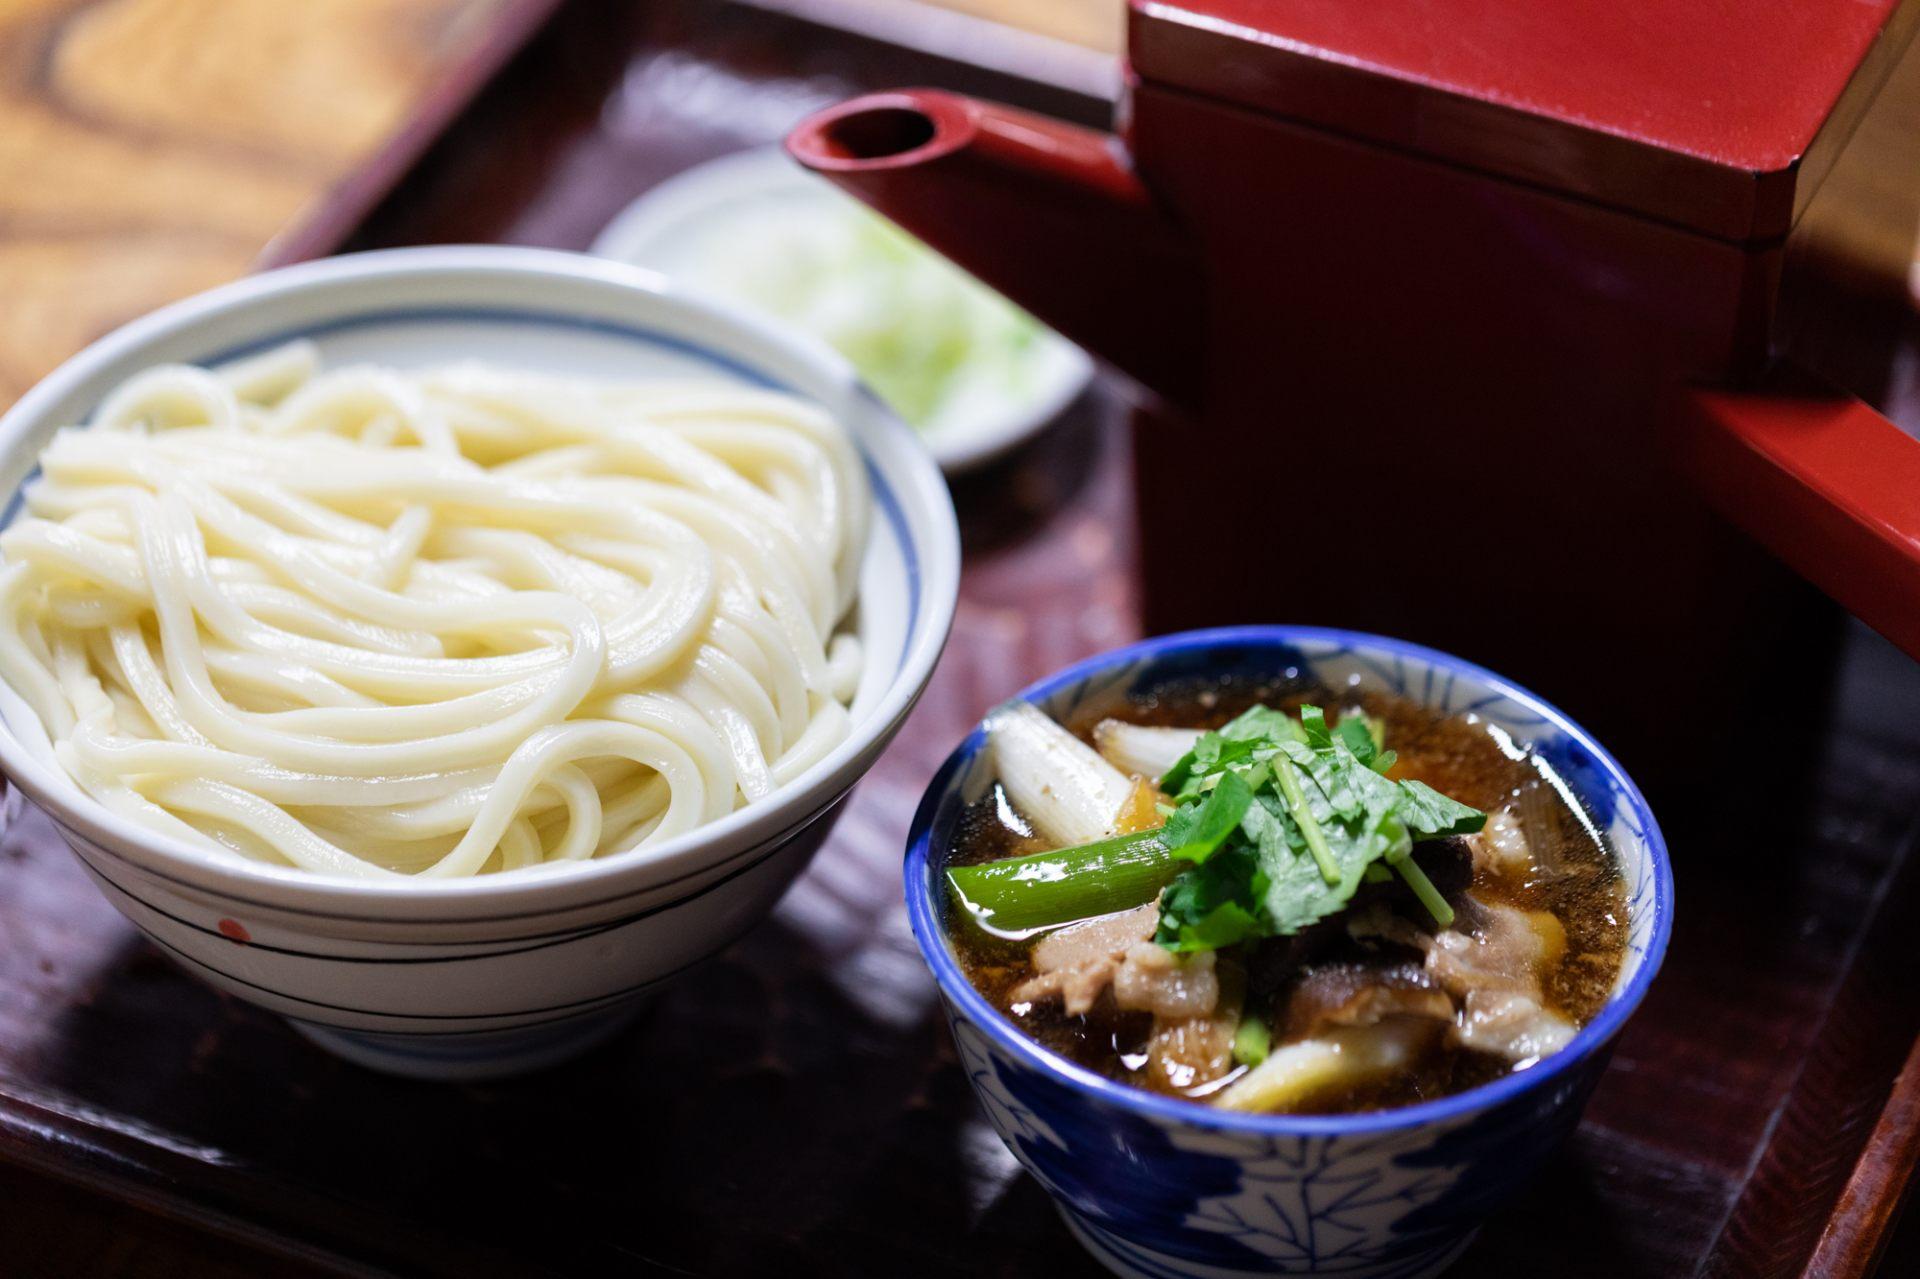 招牌菜单:肉汁乌冬面(730日元)